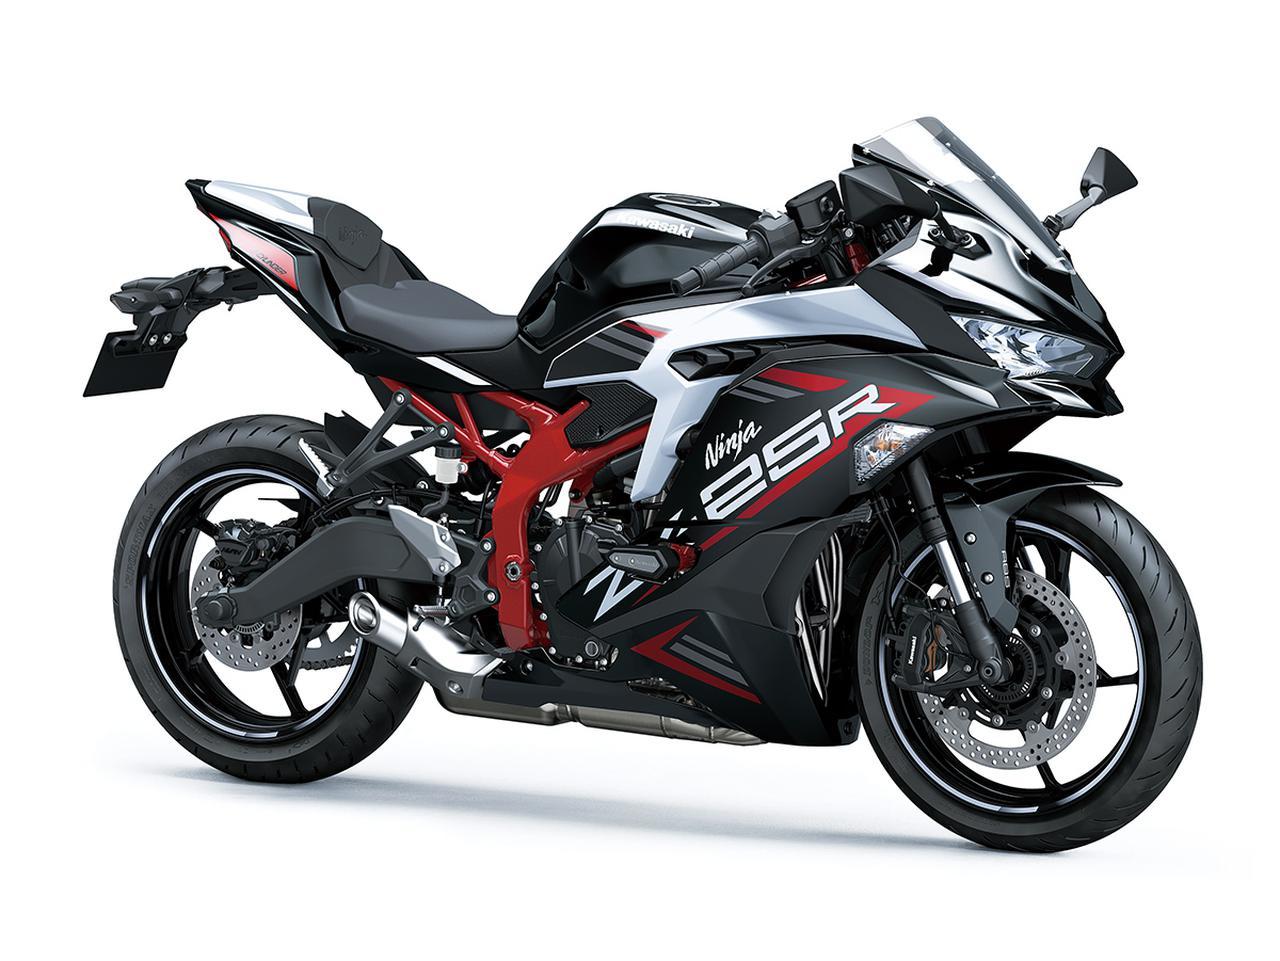 カワサキ「Ninja ZX-25R SE」「Ninja ZX-25R SE KRT EDITION」【1分で読める 2021年に新車で購入可能なバイク紹介】